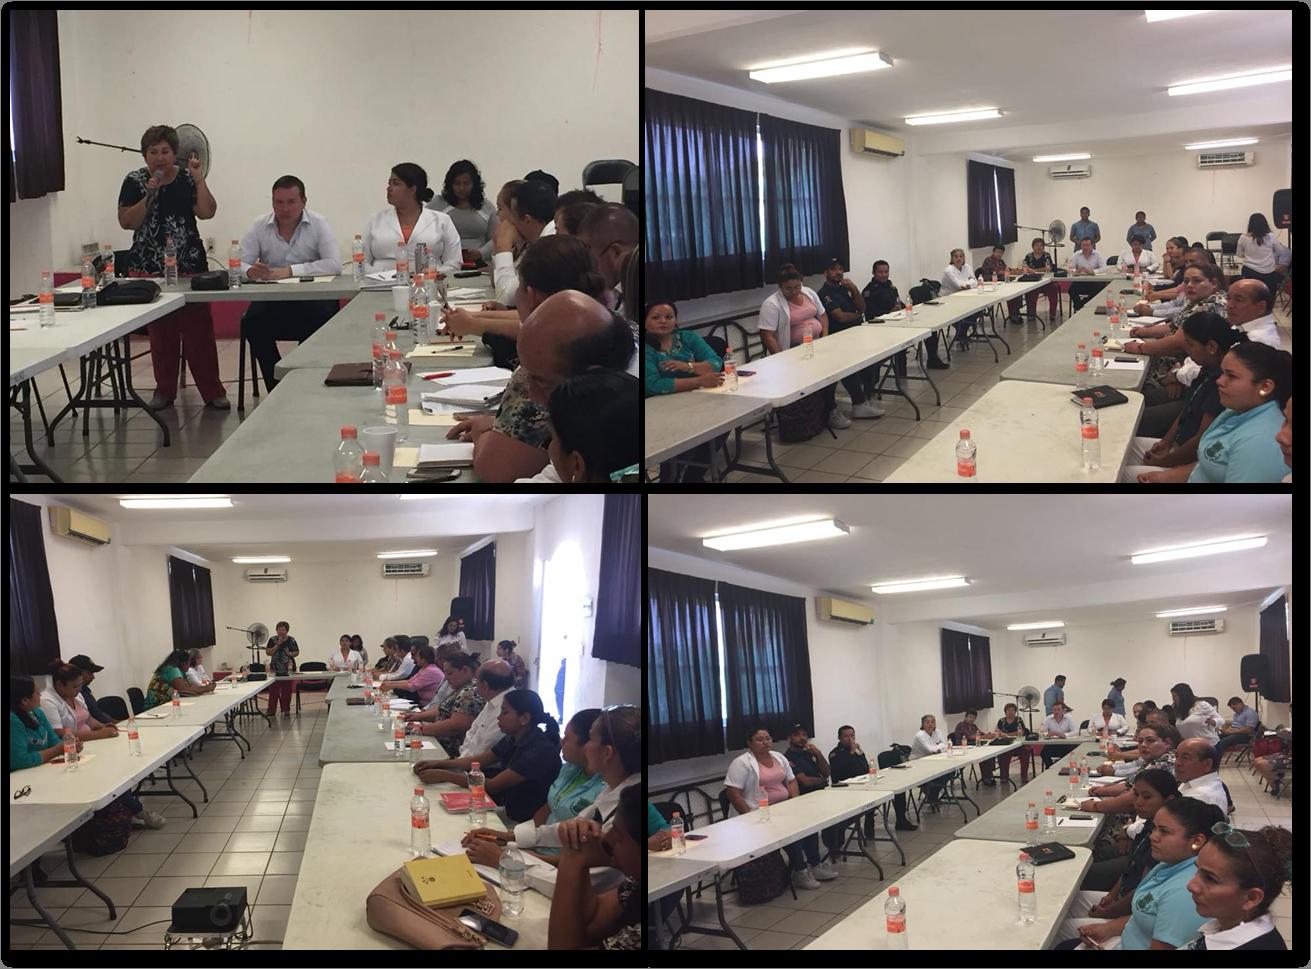 20/03/2018 Debido a la necesidad de brindar atención inmediata e integral a las victimas, derivado de la alerta  de género emitida en el municipio de Tonalá, se realizó una reunión de trabajo para la  conformación de la Mesa de Trabajo Interinstitucional de Atención a Víctimas de  Violencia de Género ISTMO COSTA.